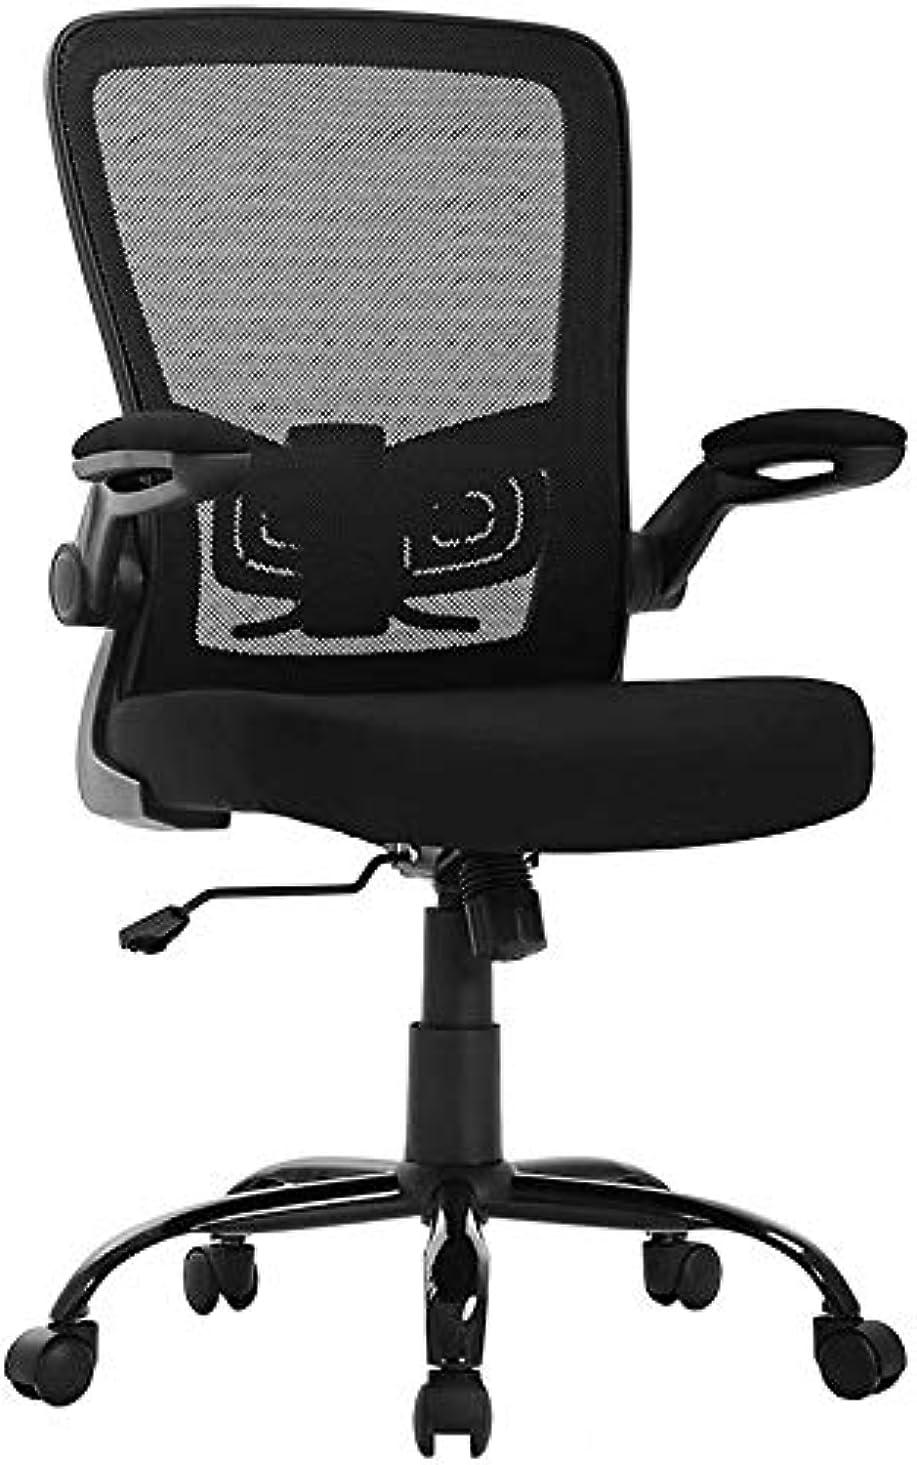 ボルト残りタクシーホームオフィスの椅子人間工学に基づいたデスクチェアメッシュコンピュータチェアスイベルローリングエグゼクティブタスクチェアランバーサポートアーム付きミッドバックアジャスタブルチェア